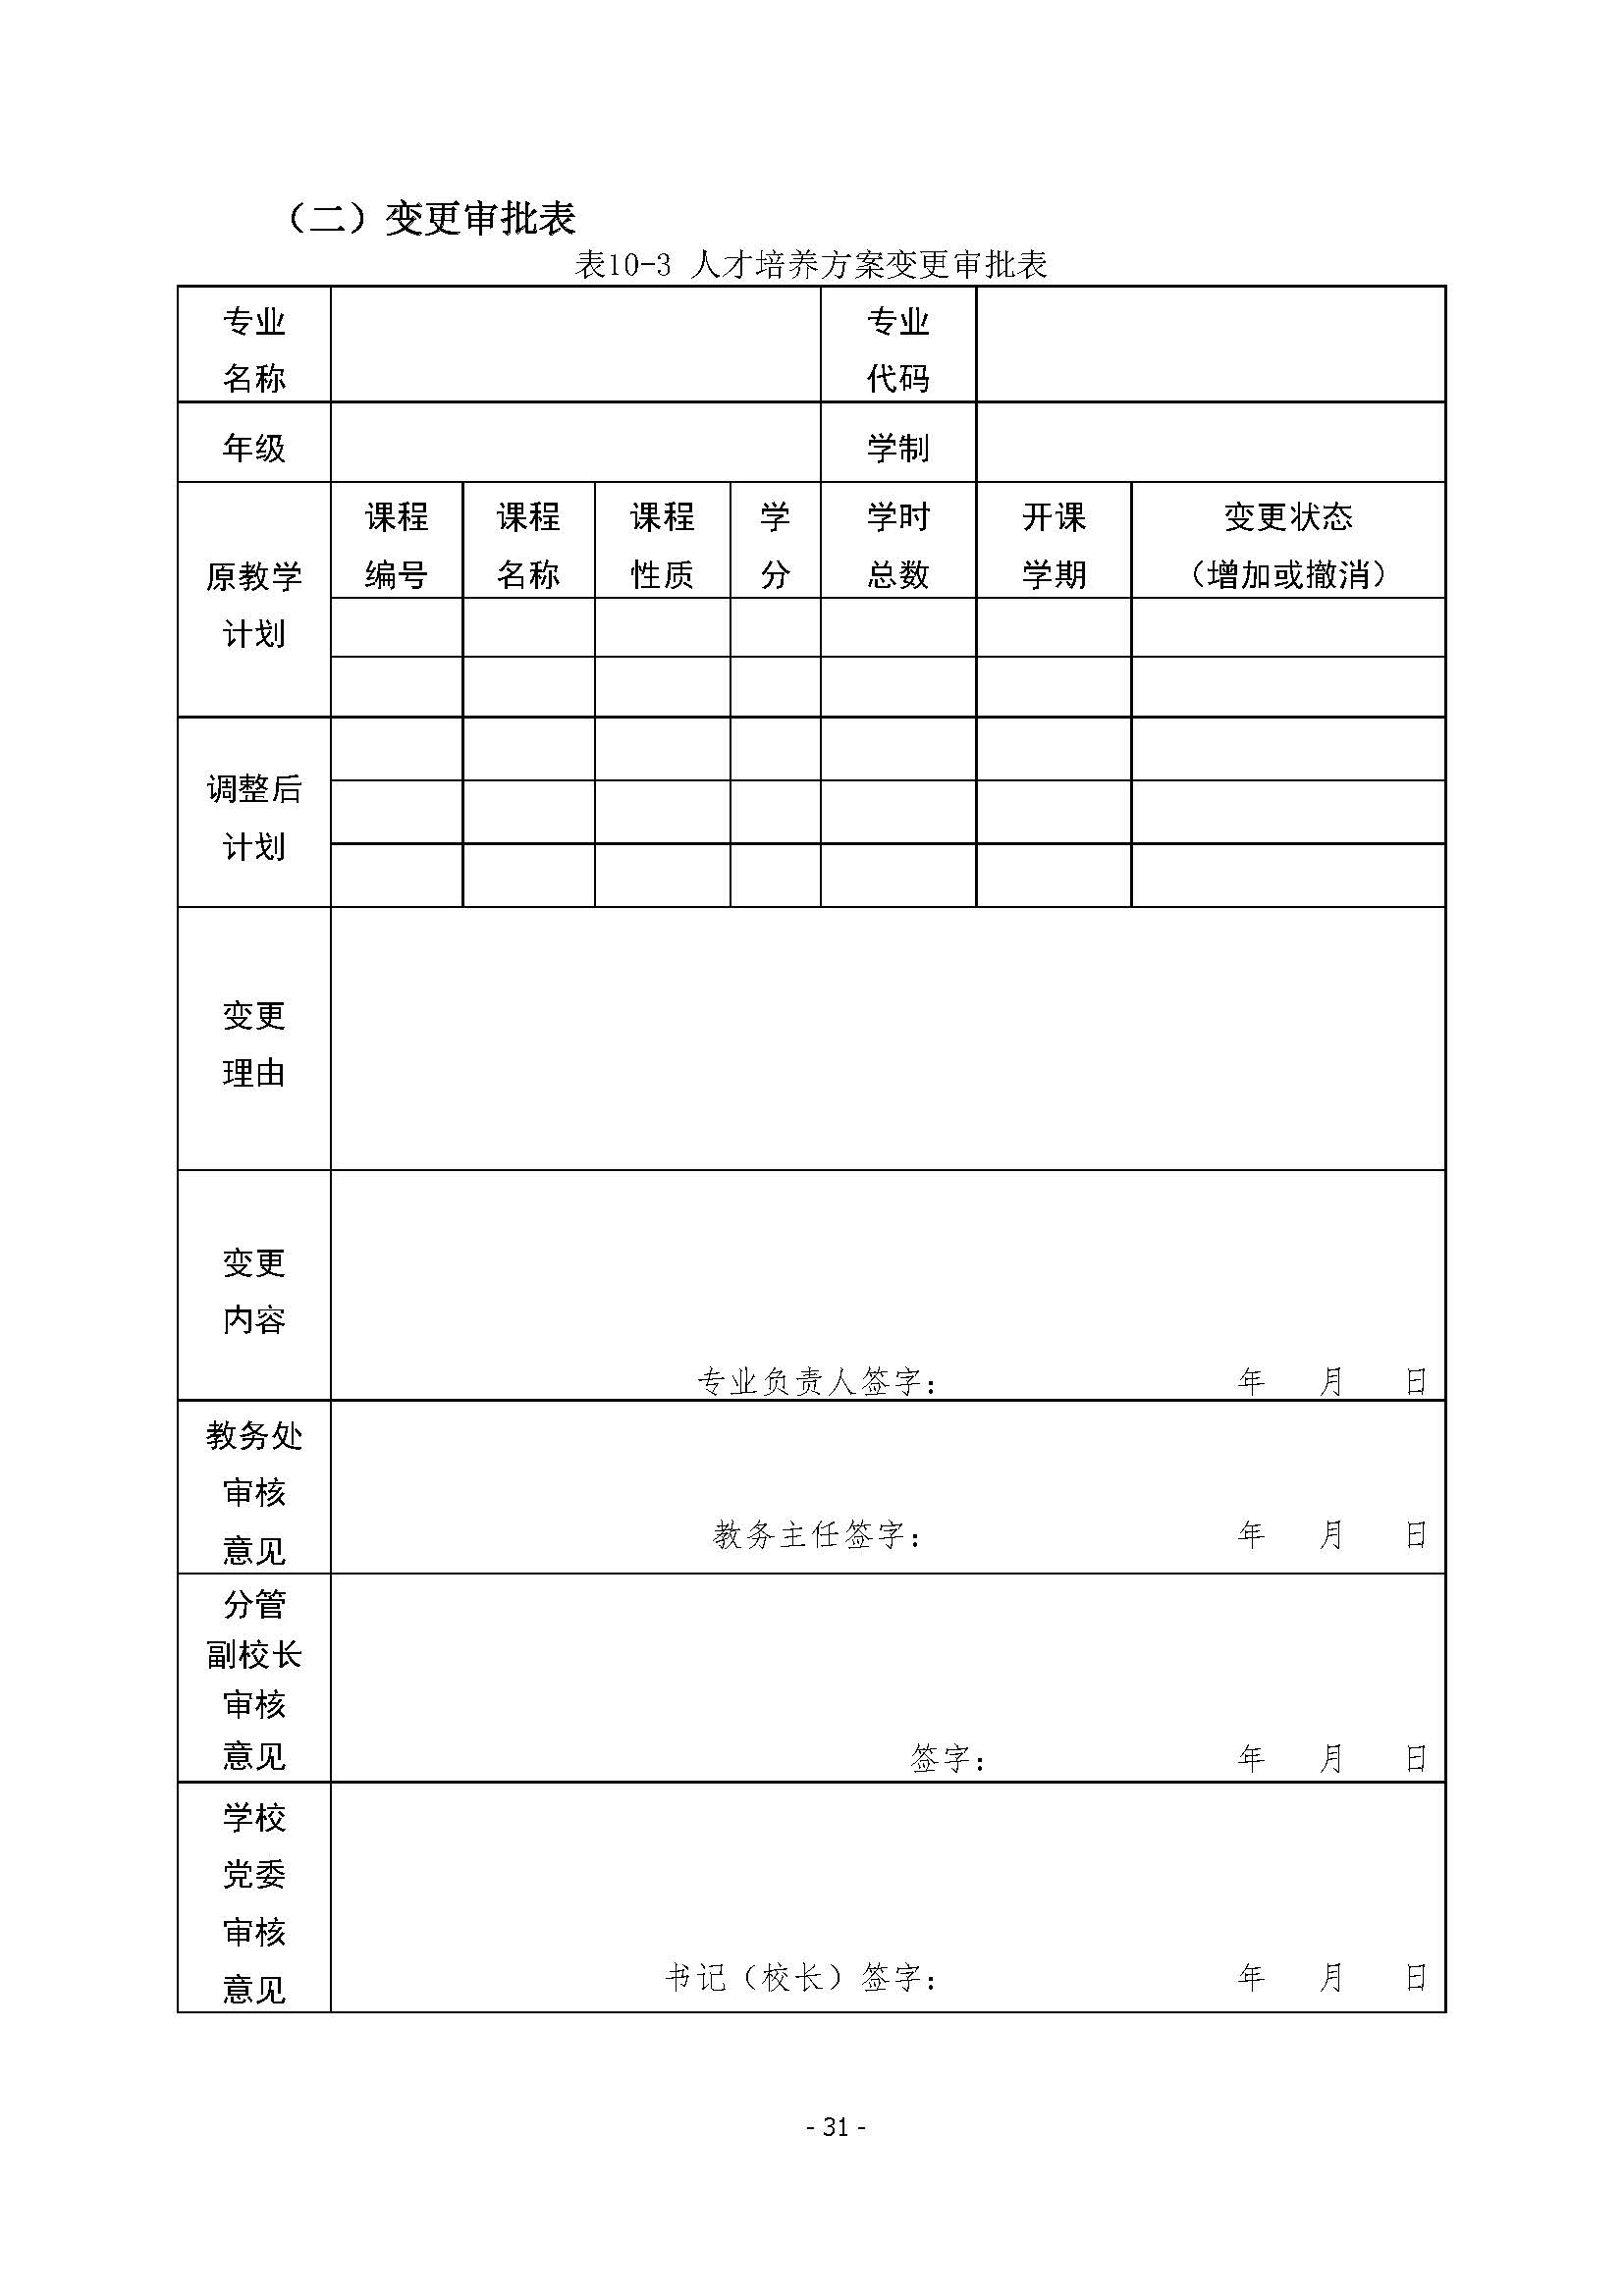 畜牧兽医专业人才培养方案_页面_33.jpg